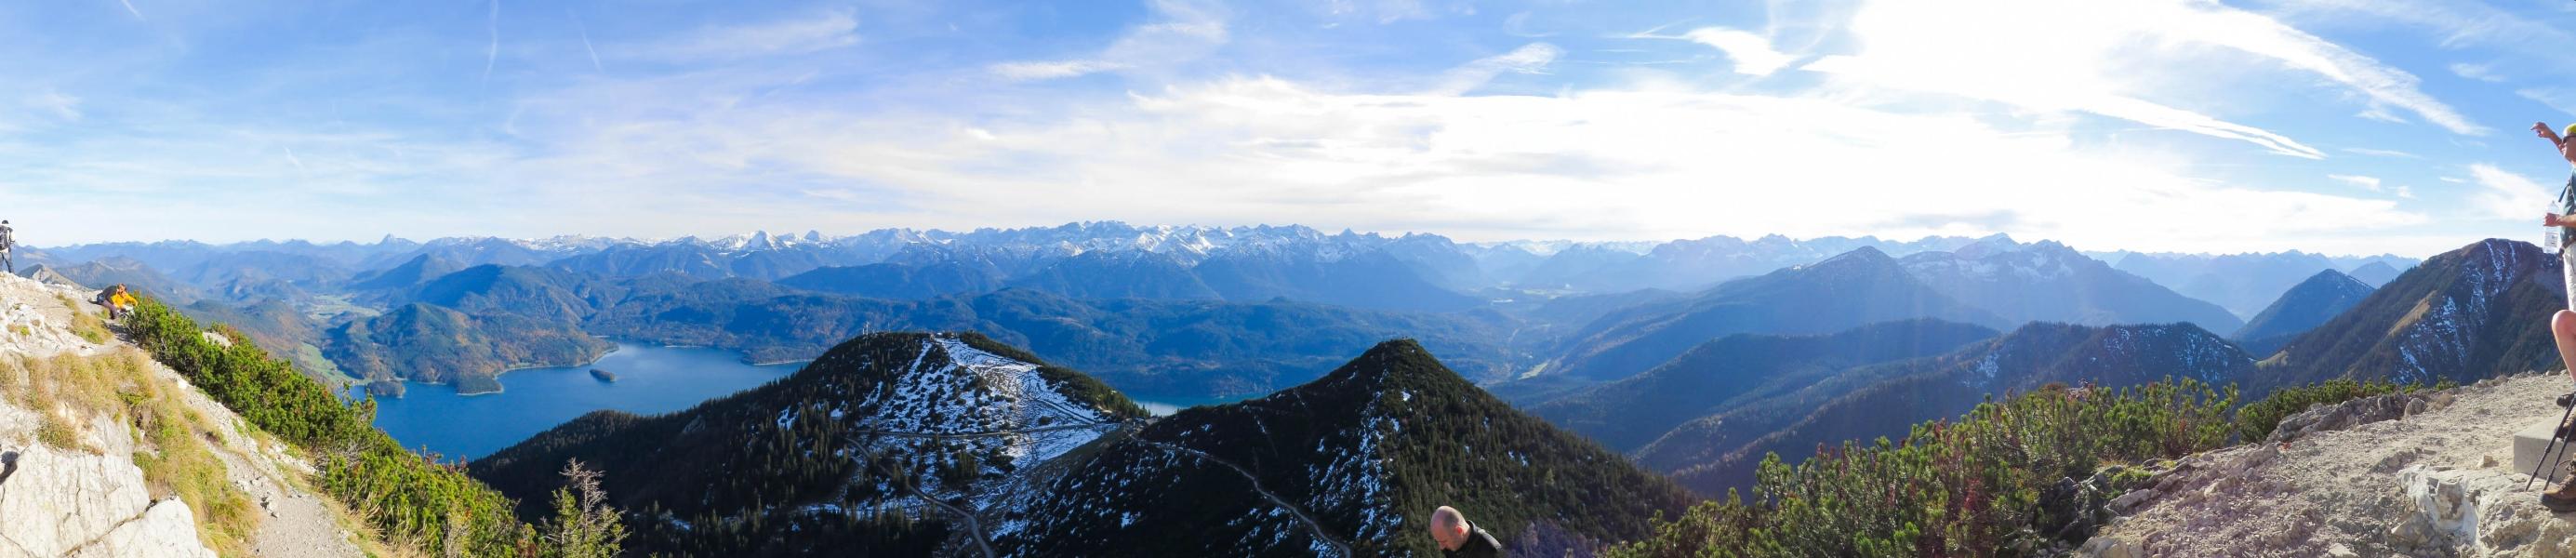 Panorama Herzogstand Walchensee über Ost, Süd und West